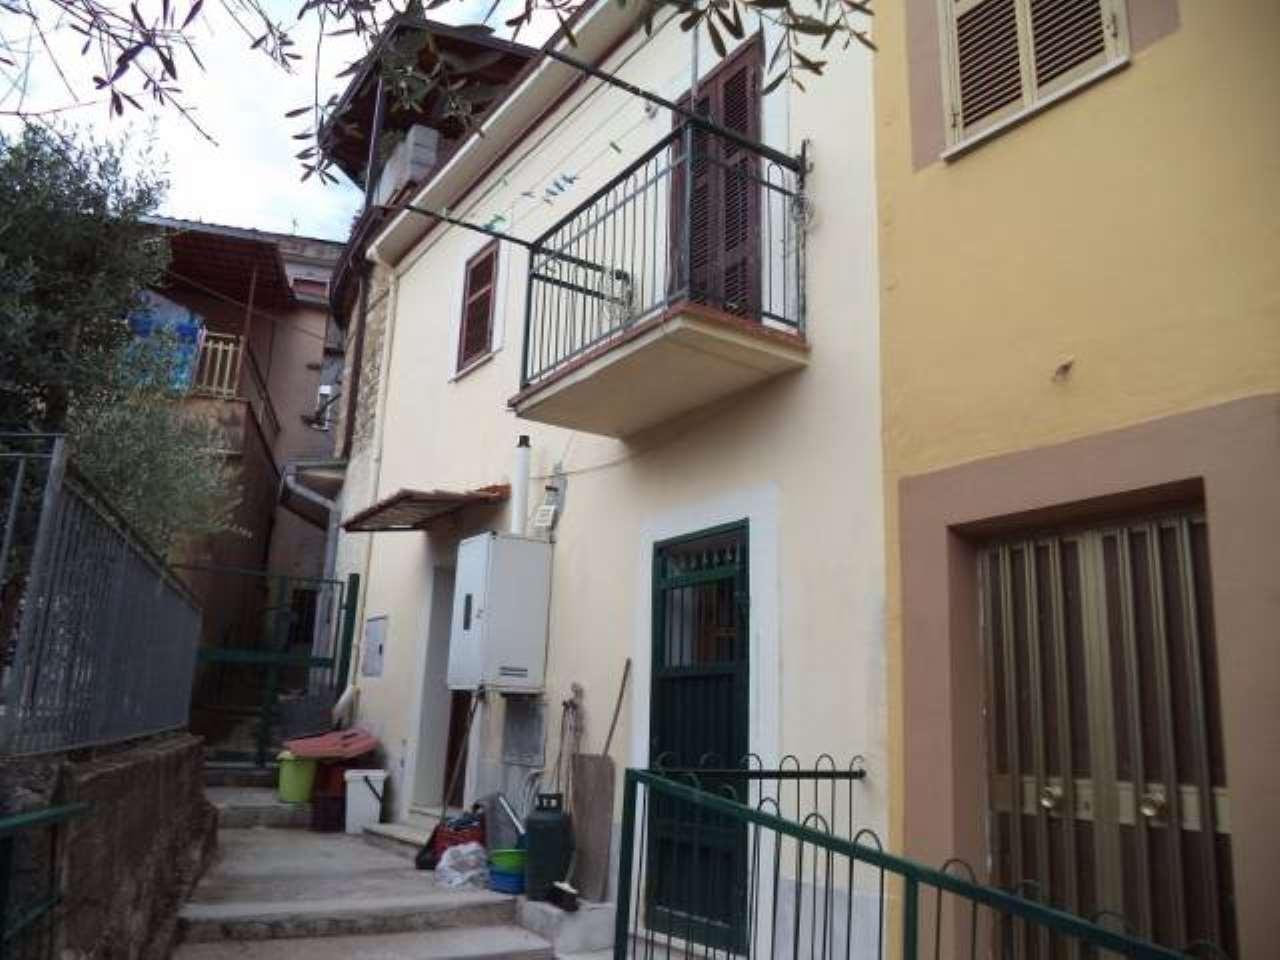 Villa in vendita a Colfelice, 9999 locali, prezzo € 57.000 | CambioCasa.it